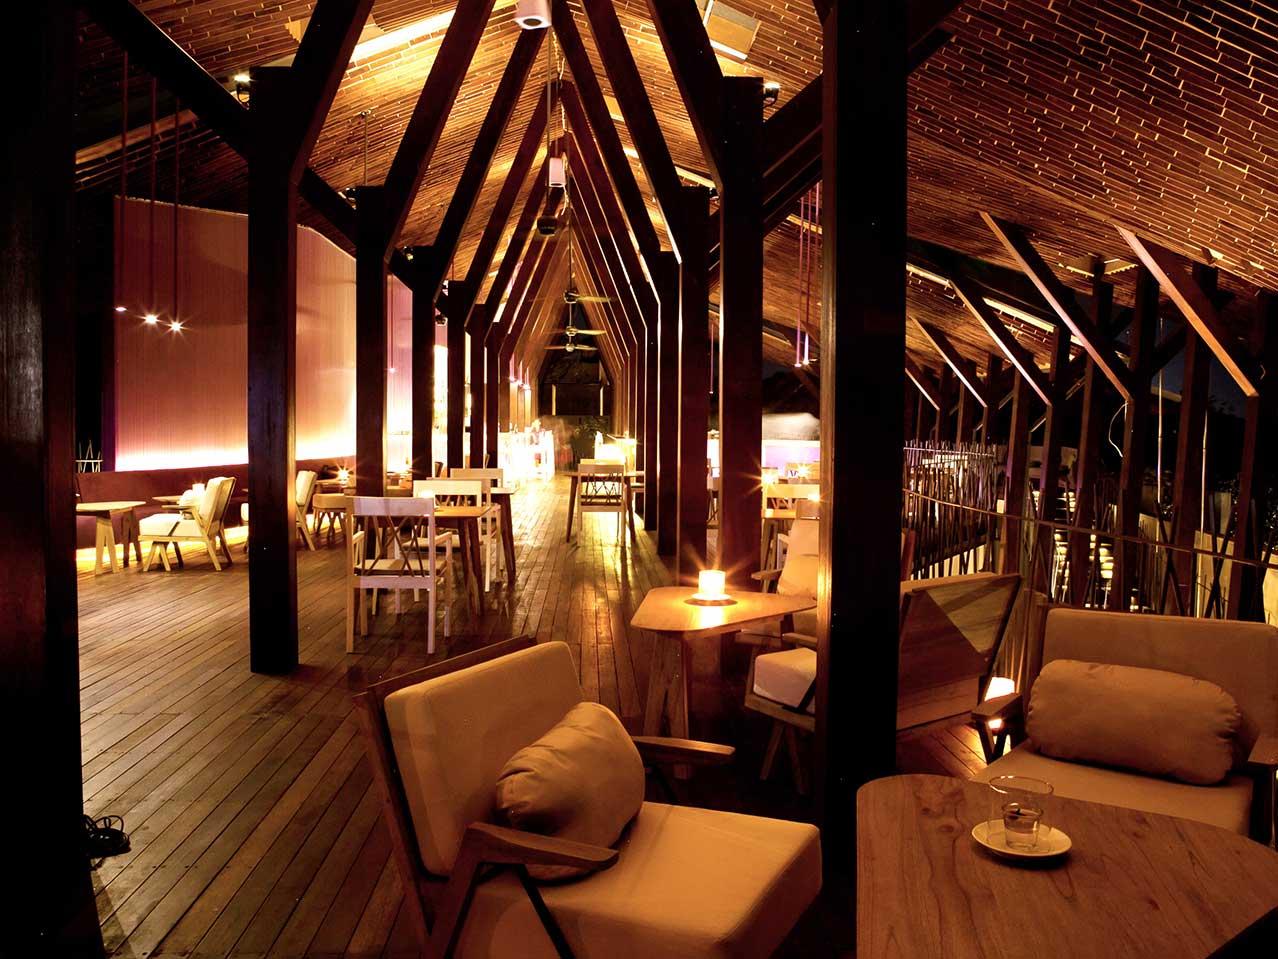 TAPA Bistro di malam hari (Sumber: thebale.com